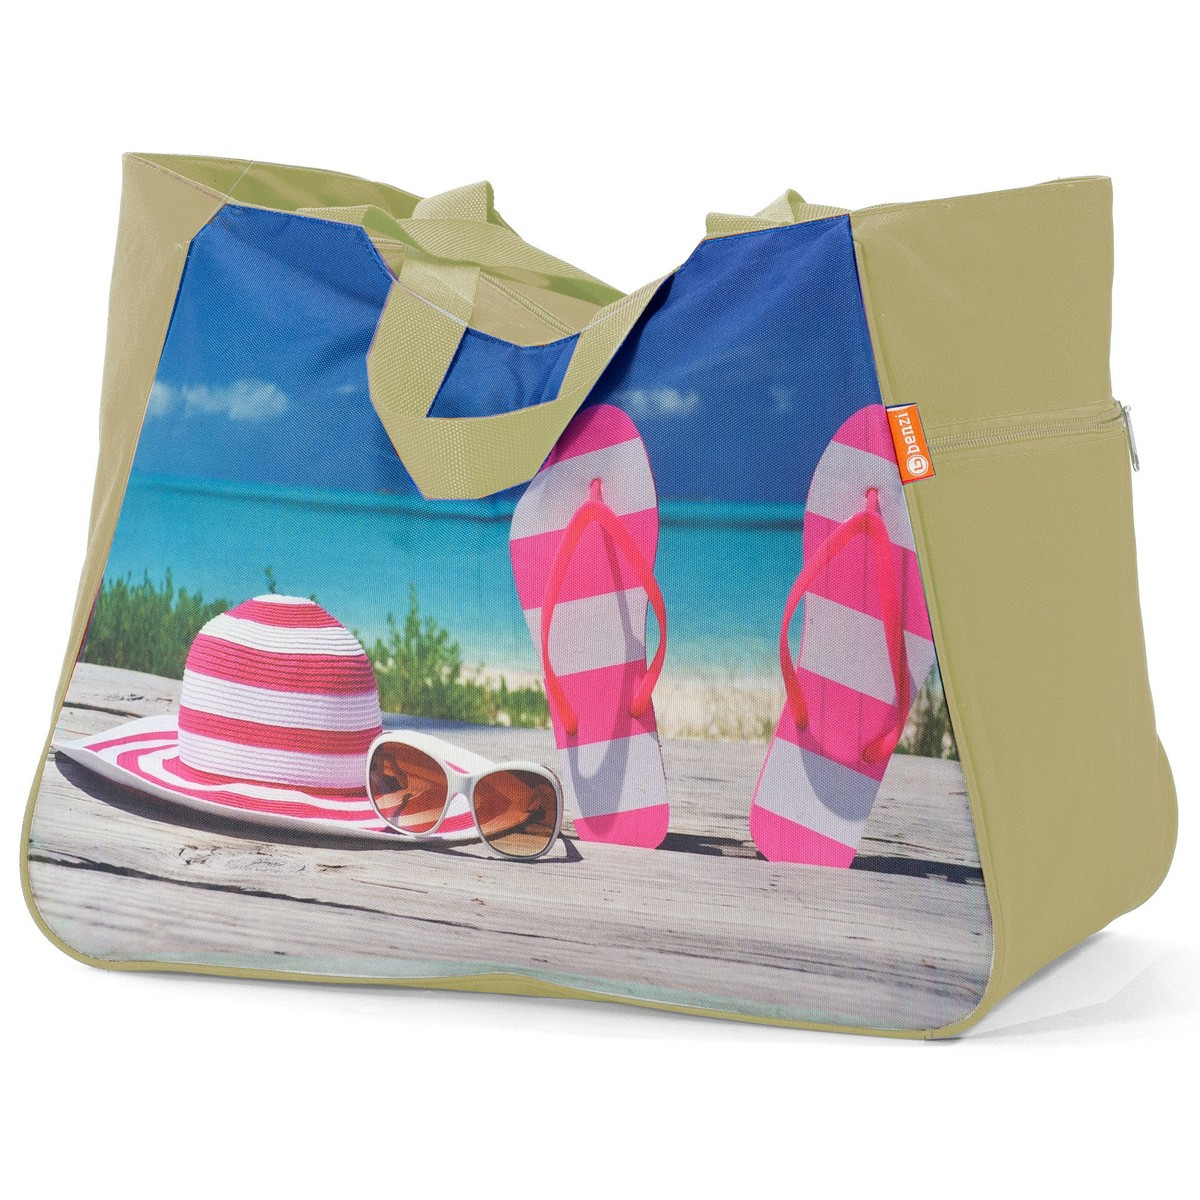 Τσάντα Παραλίας Benzi 5002 Beige home   θαλάσσης   τσάντες παραλίας